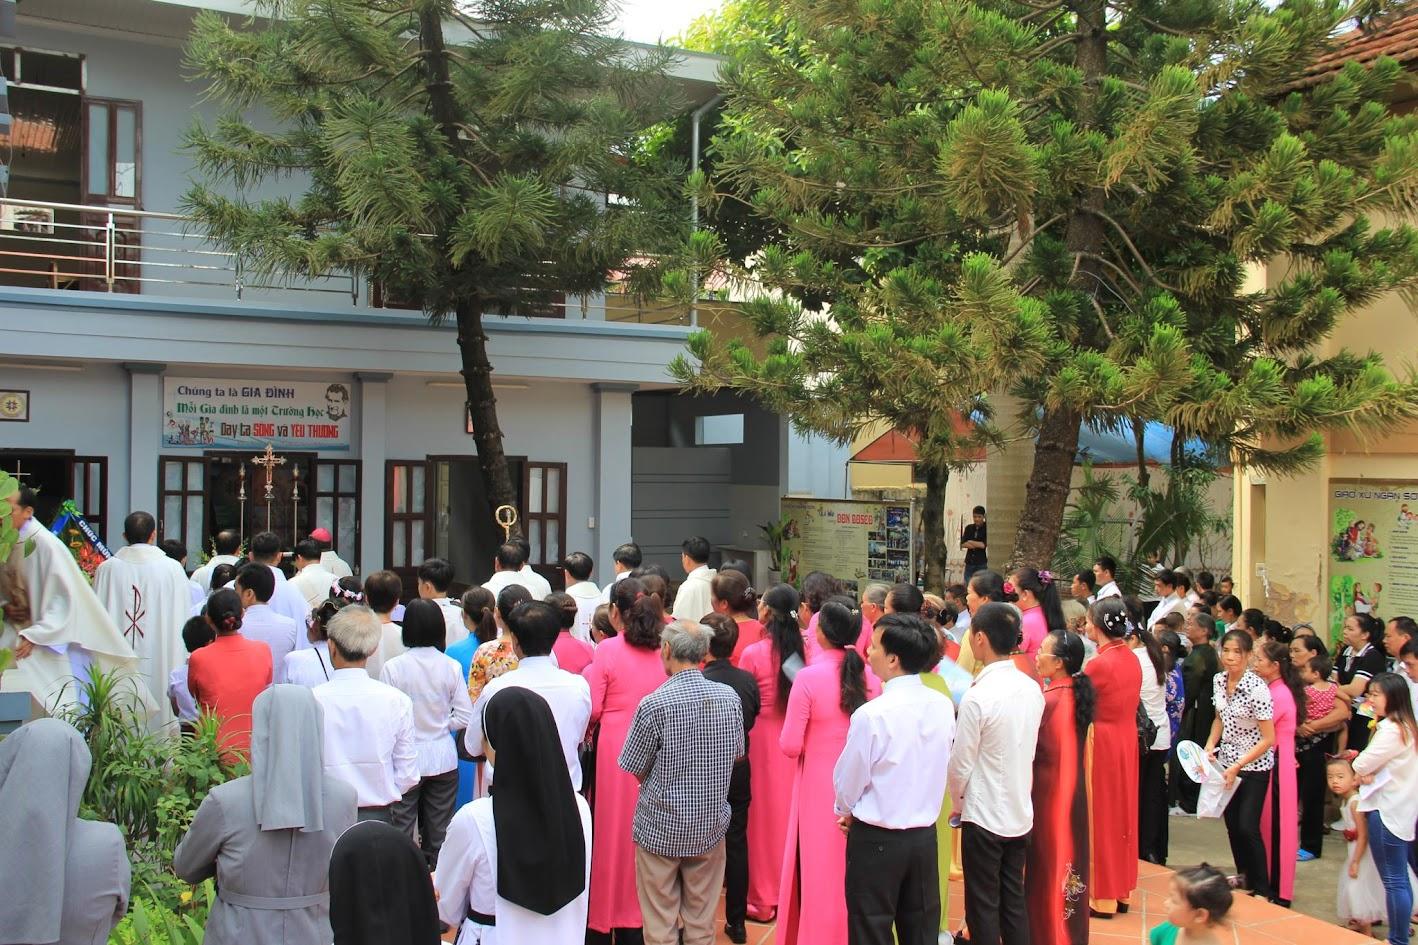 Giáo xứ Ngạn Sơn: Thánh lễ Bổn mạng và Làm phép Nhà mới - Ảnh minh hoạ 7